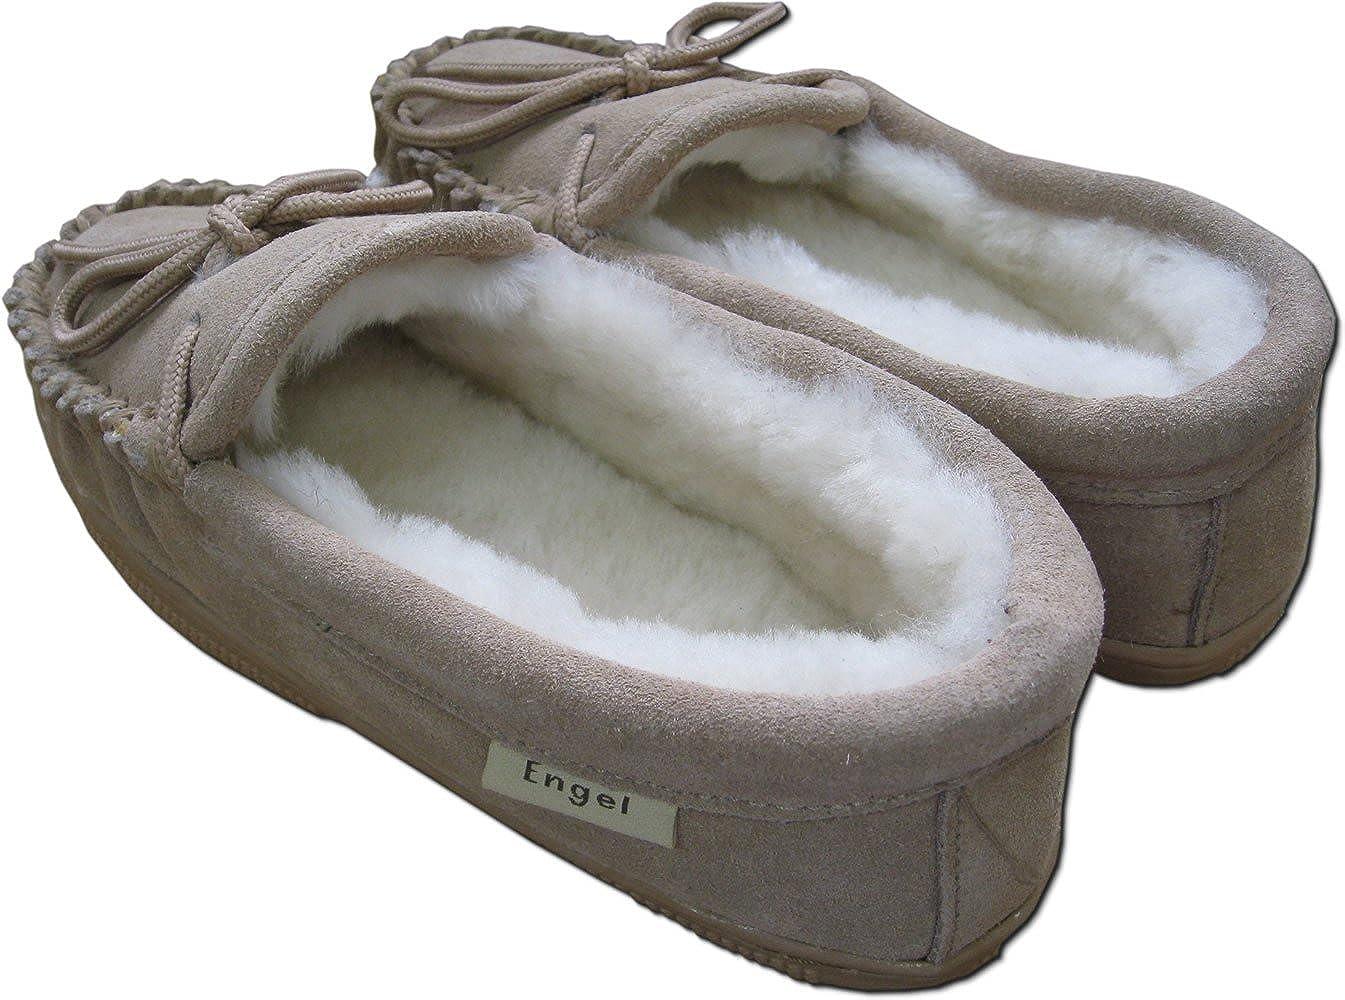 fb89bc4ff75f02 Reissner Lammfelle Lammfell Hausschuhe Moccasin Mokassins (Moccasins)   Amazon.de  Schuhe   Handtaschen